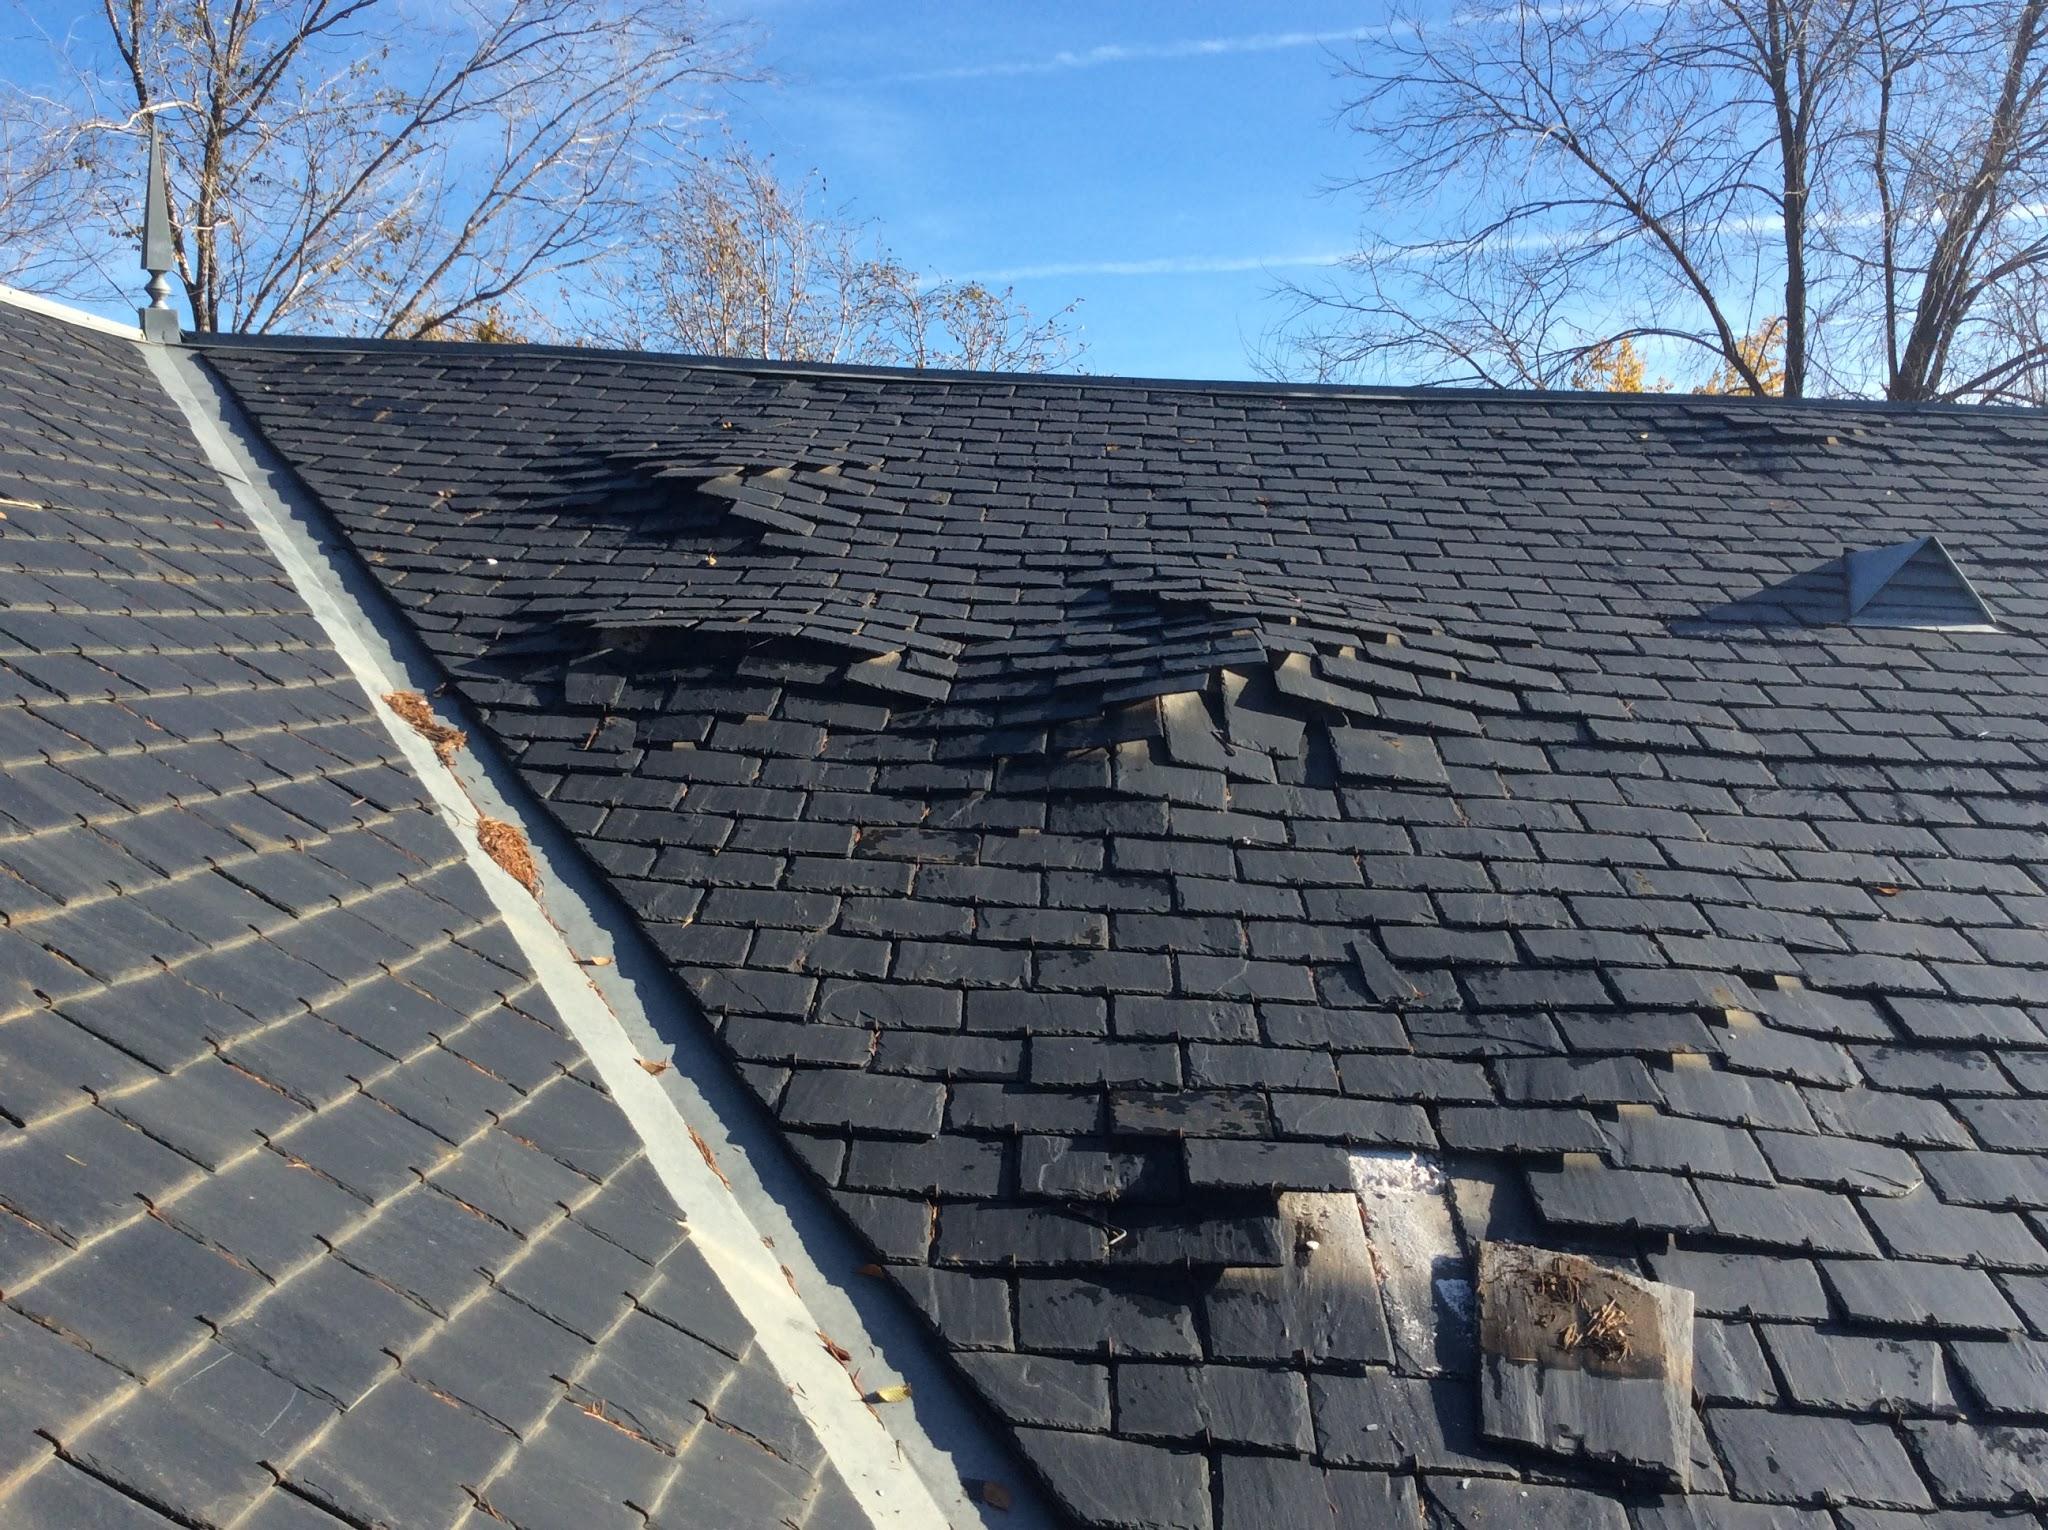 Reparaci n de tejados de pizarra madrid arreglo de goteras - Cubiertas de pizarra en madrid ...